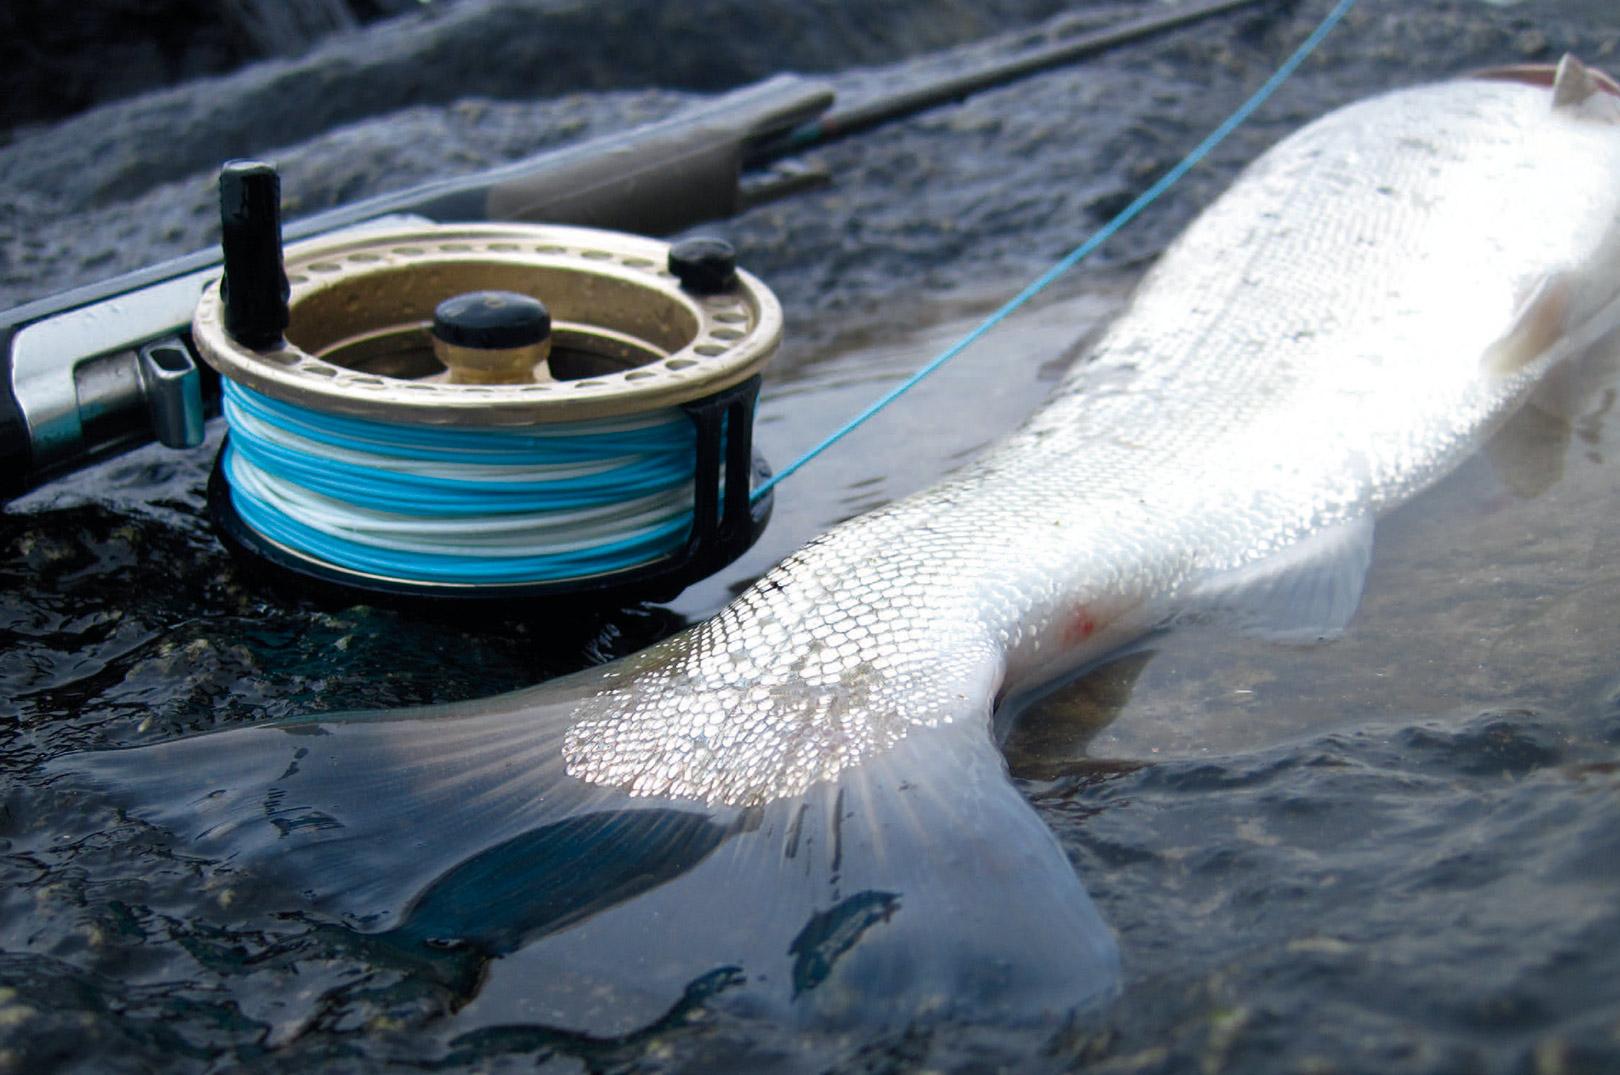 Grejsammensætningen er vigtig, når du skal fiske havørred. Der skal dækkes en masse vand af, og kysteksperterne er ikke i tvivl: Det gælder om at kaste effektivt og opnå god længde med få blindkast.